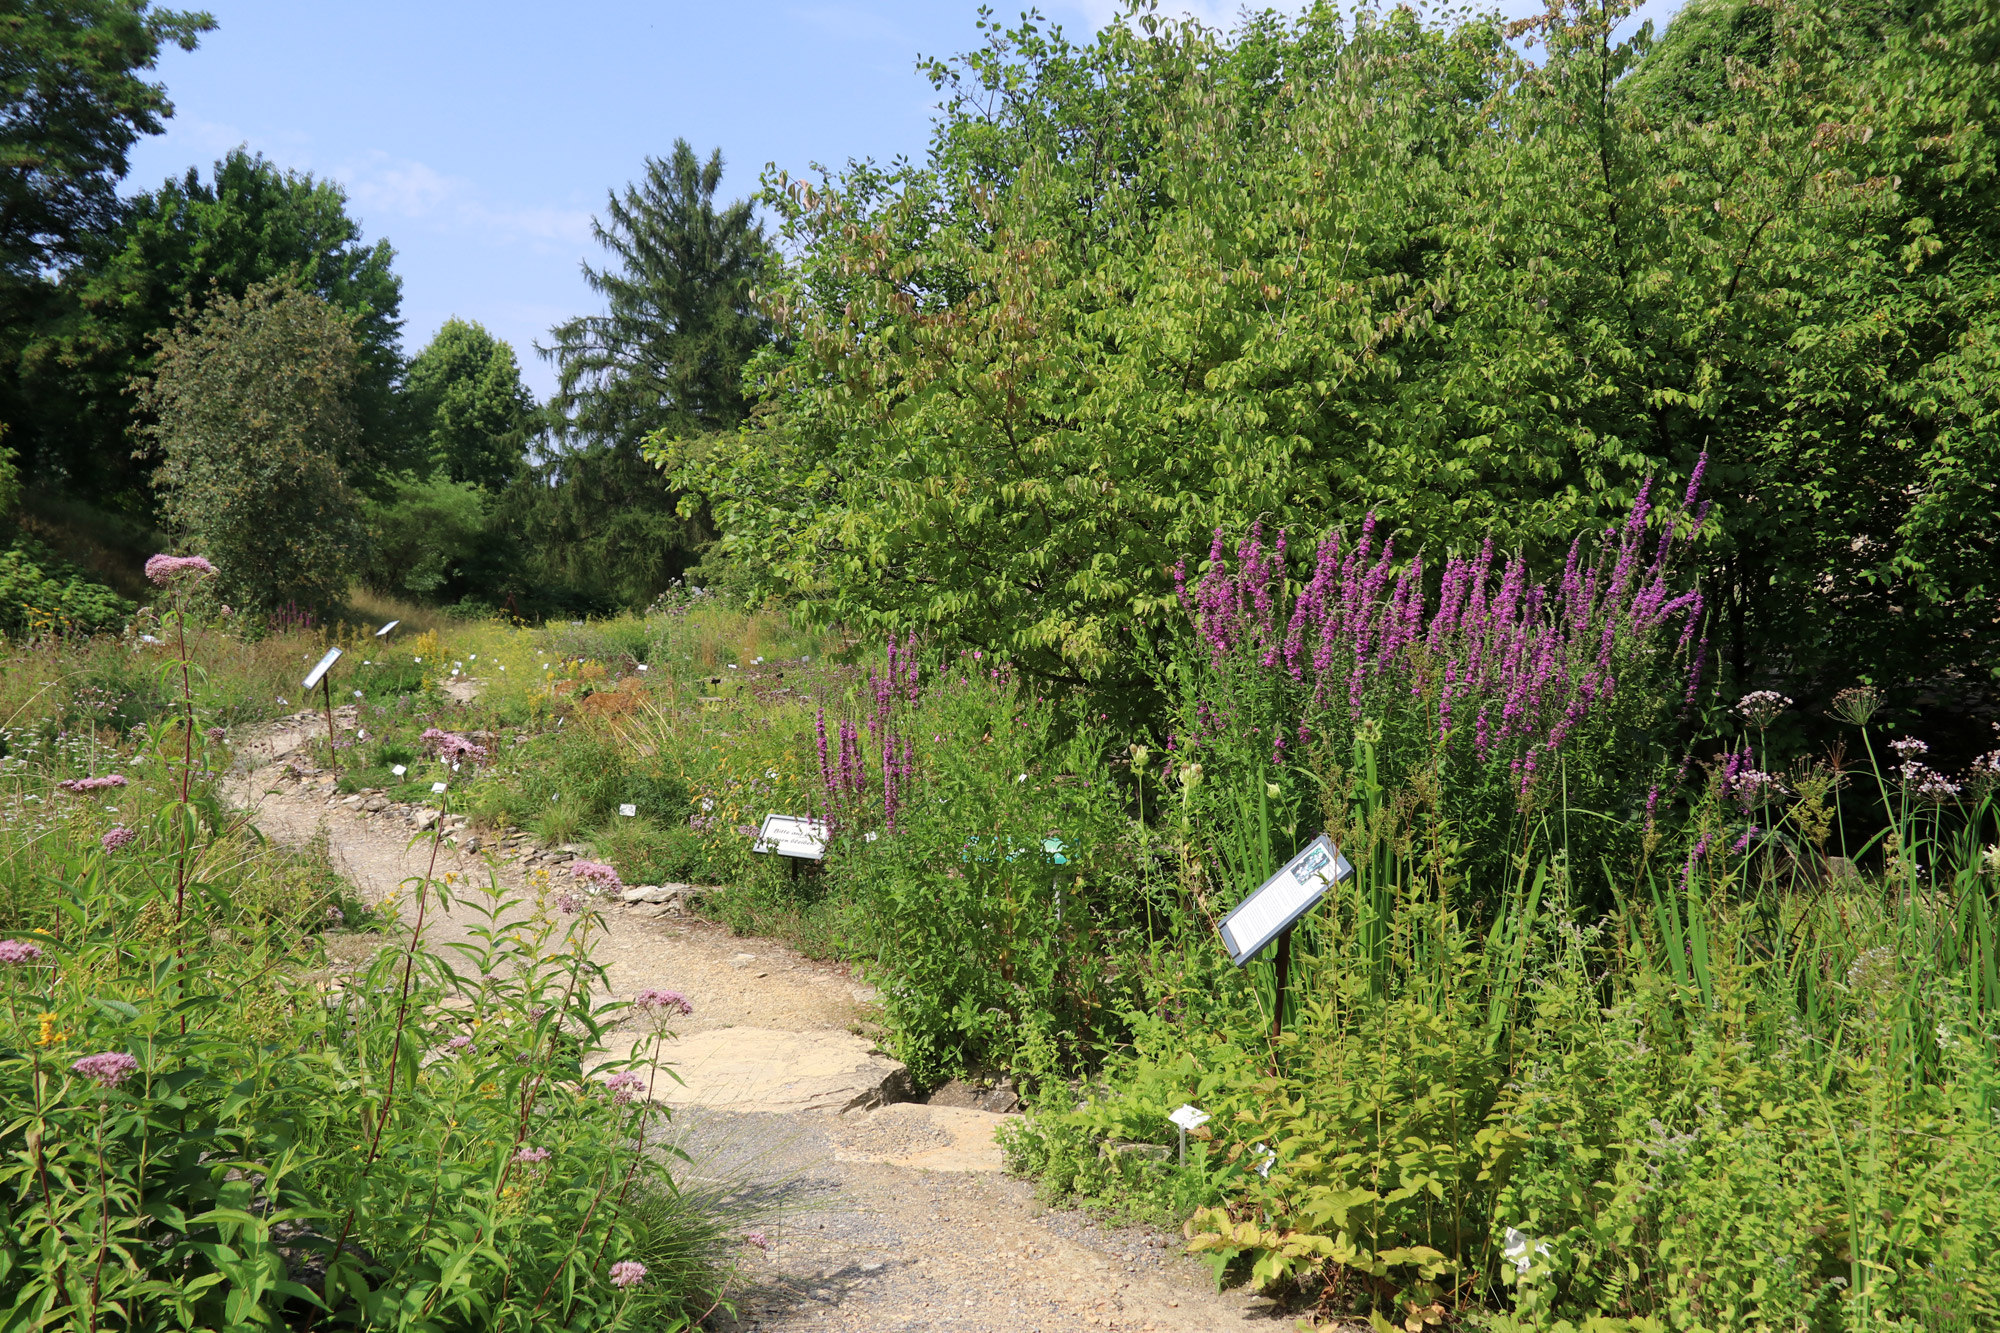 Stedentrip Osnabrück - Botanische tuin